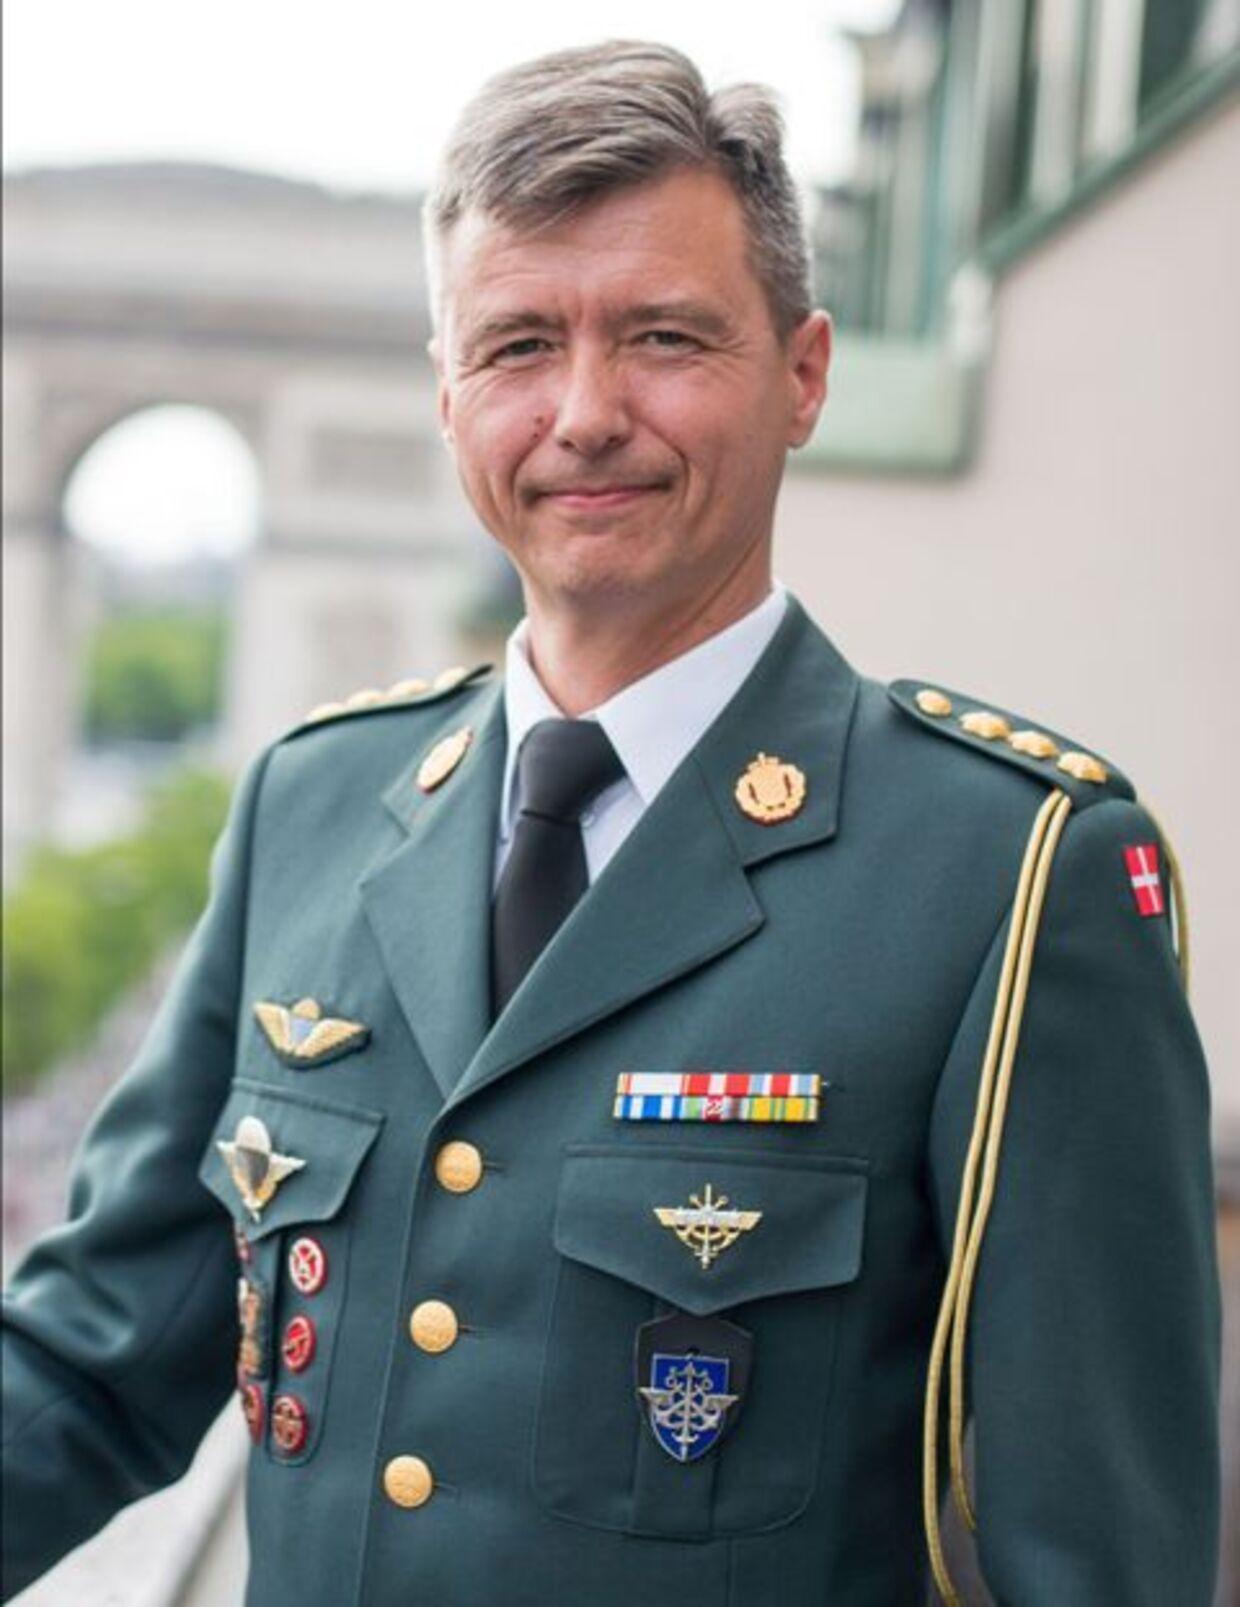 Командир полка Гардехус в Слагельсе полковник Йенс Оле Россен-Йоргенсен сам посещал Военную школу в Париже, где он получил образование IHEDN (Департамент высших исследований национальной обороны).